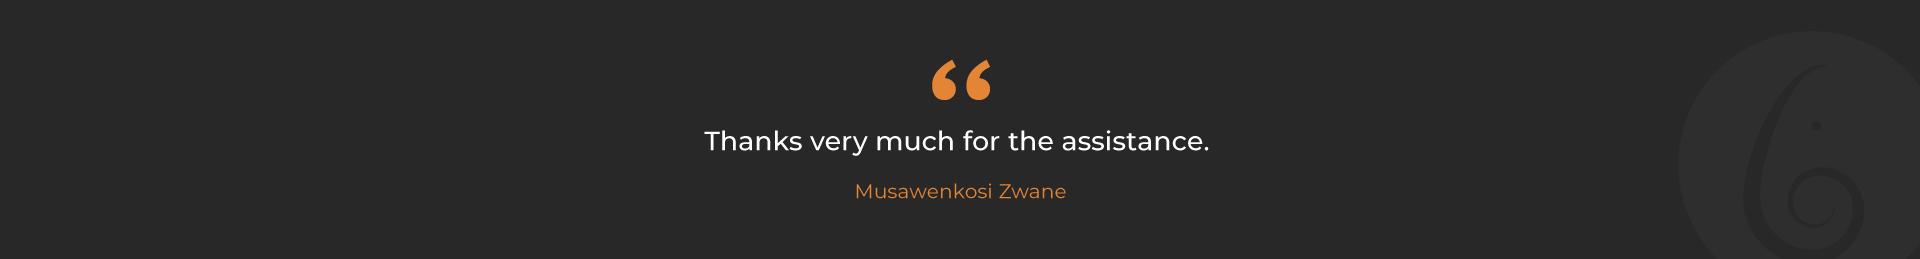 Musawenkosi-Testmonial